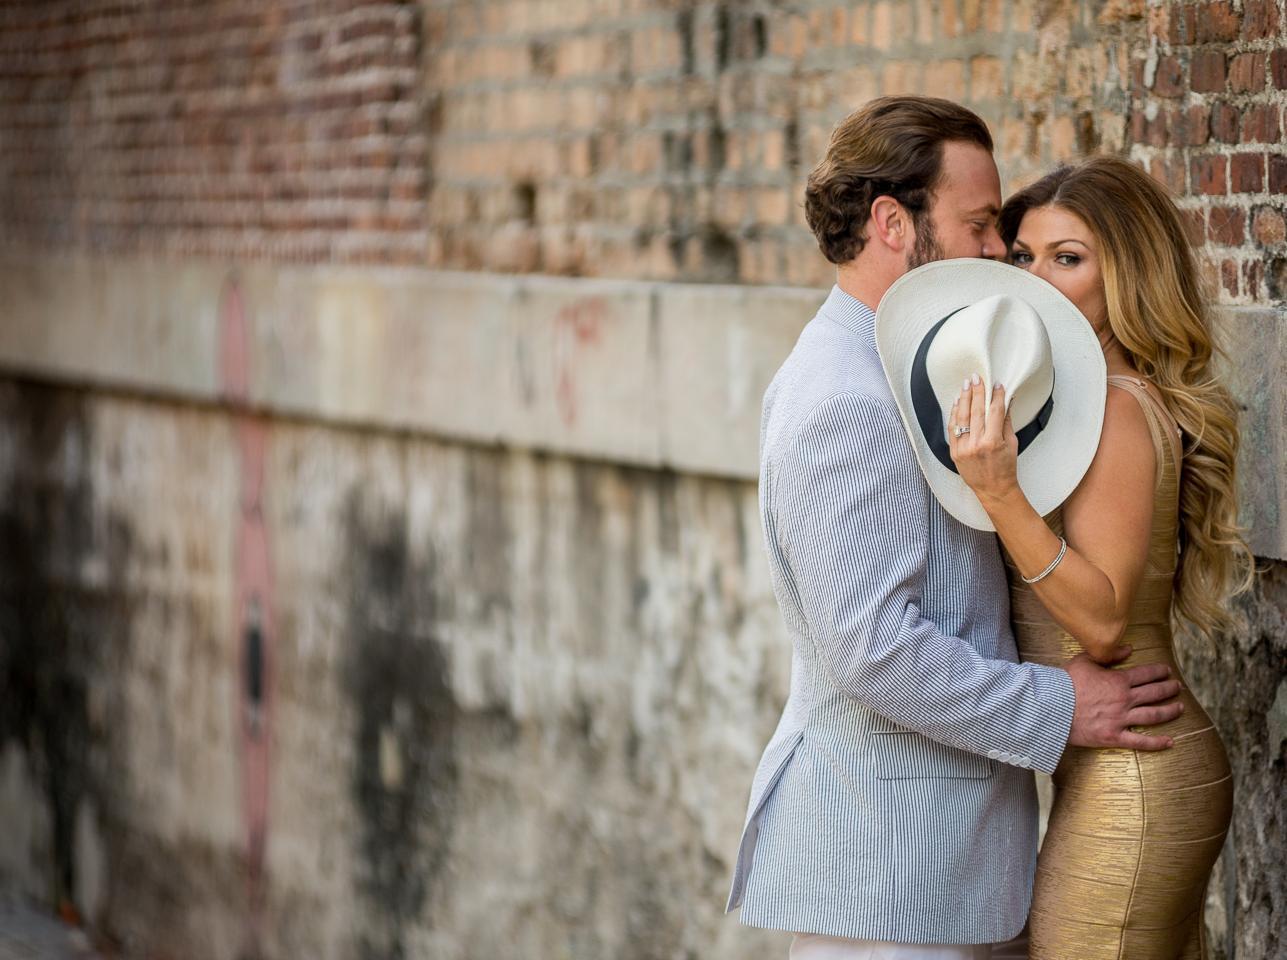 bodas-estilo-libre-sin-tema-cuba-11832.jpg